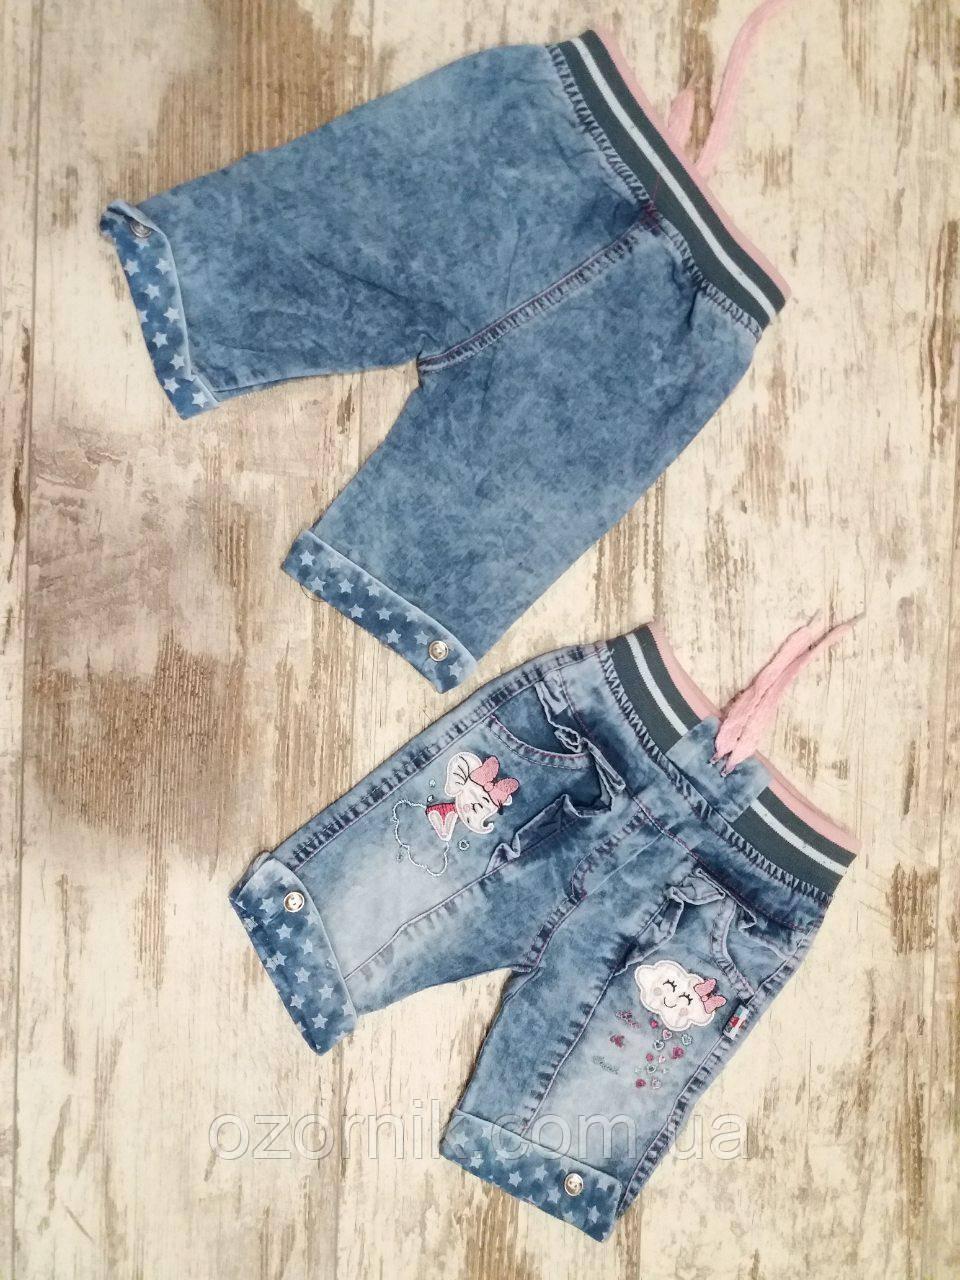 Оптом Дитячі джинсові шортики 6-18 місяців Kidea Туреччина.